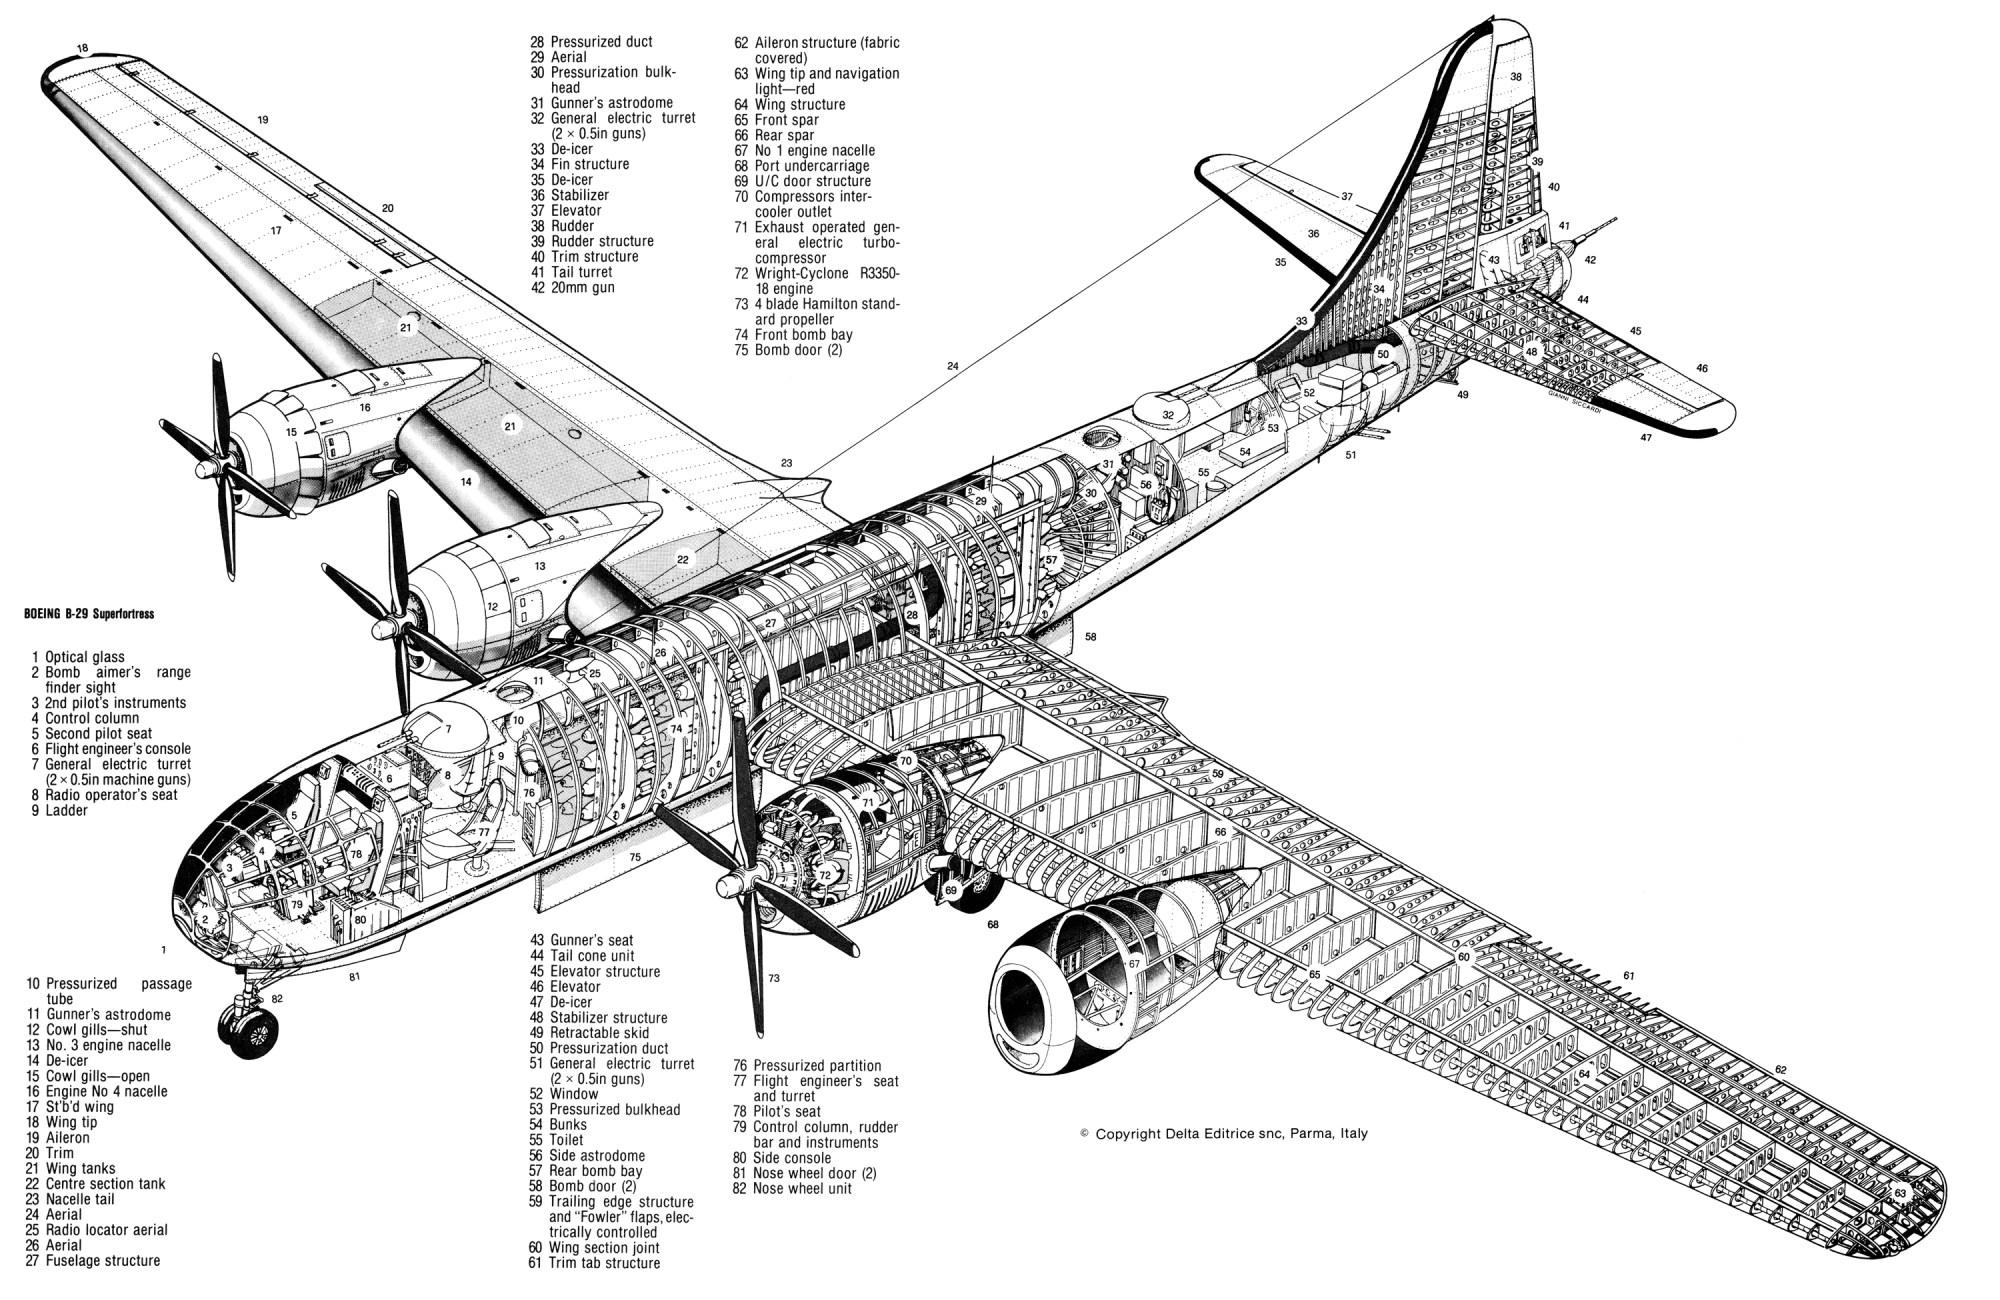 hight resolution of schematic gunpack rank the wiring diagram ryno v schematics vidim wiring diagram schematic